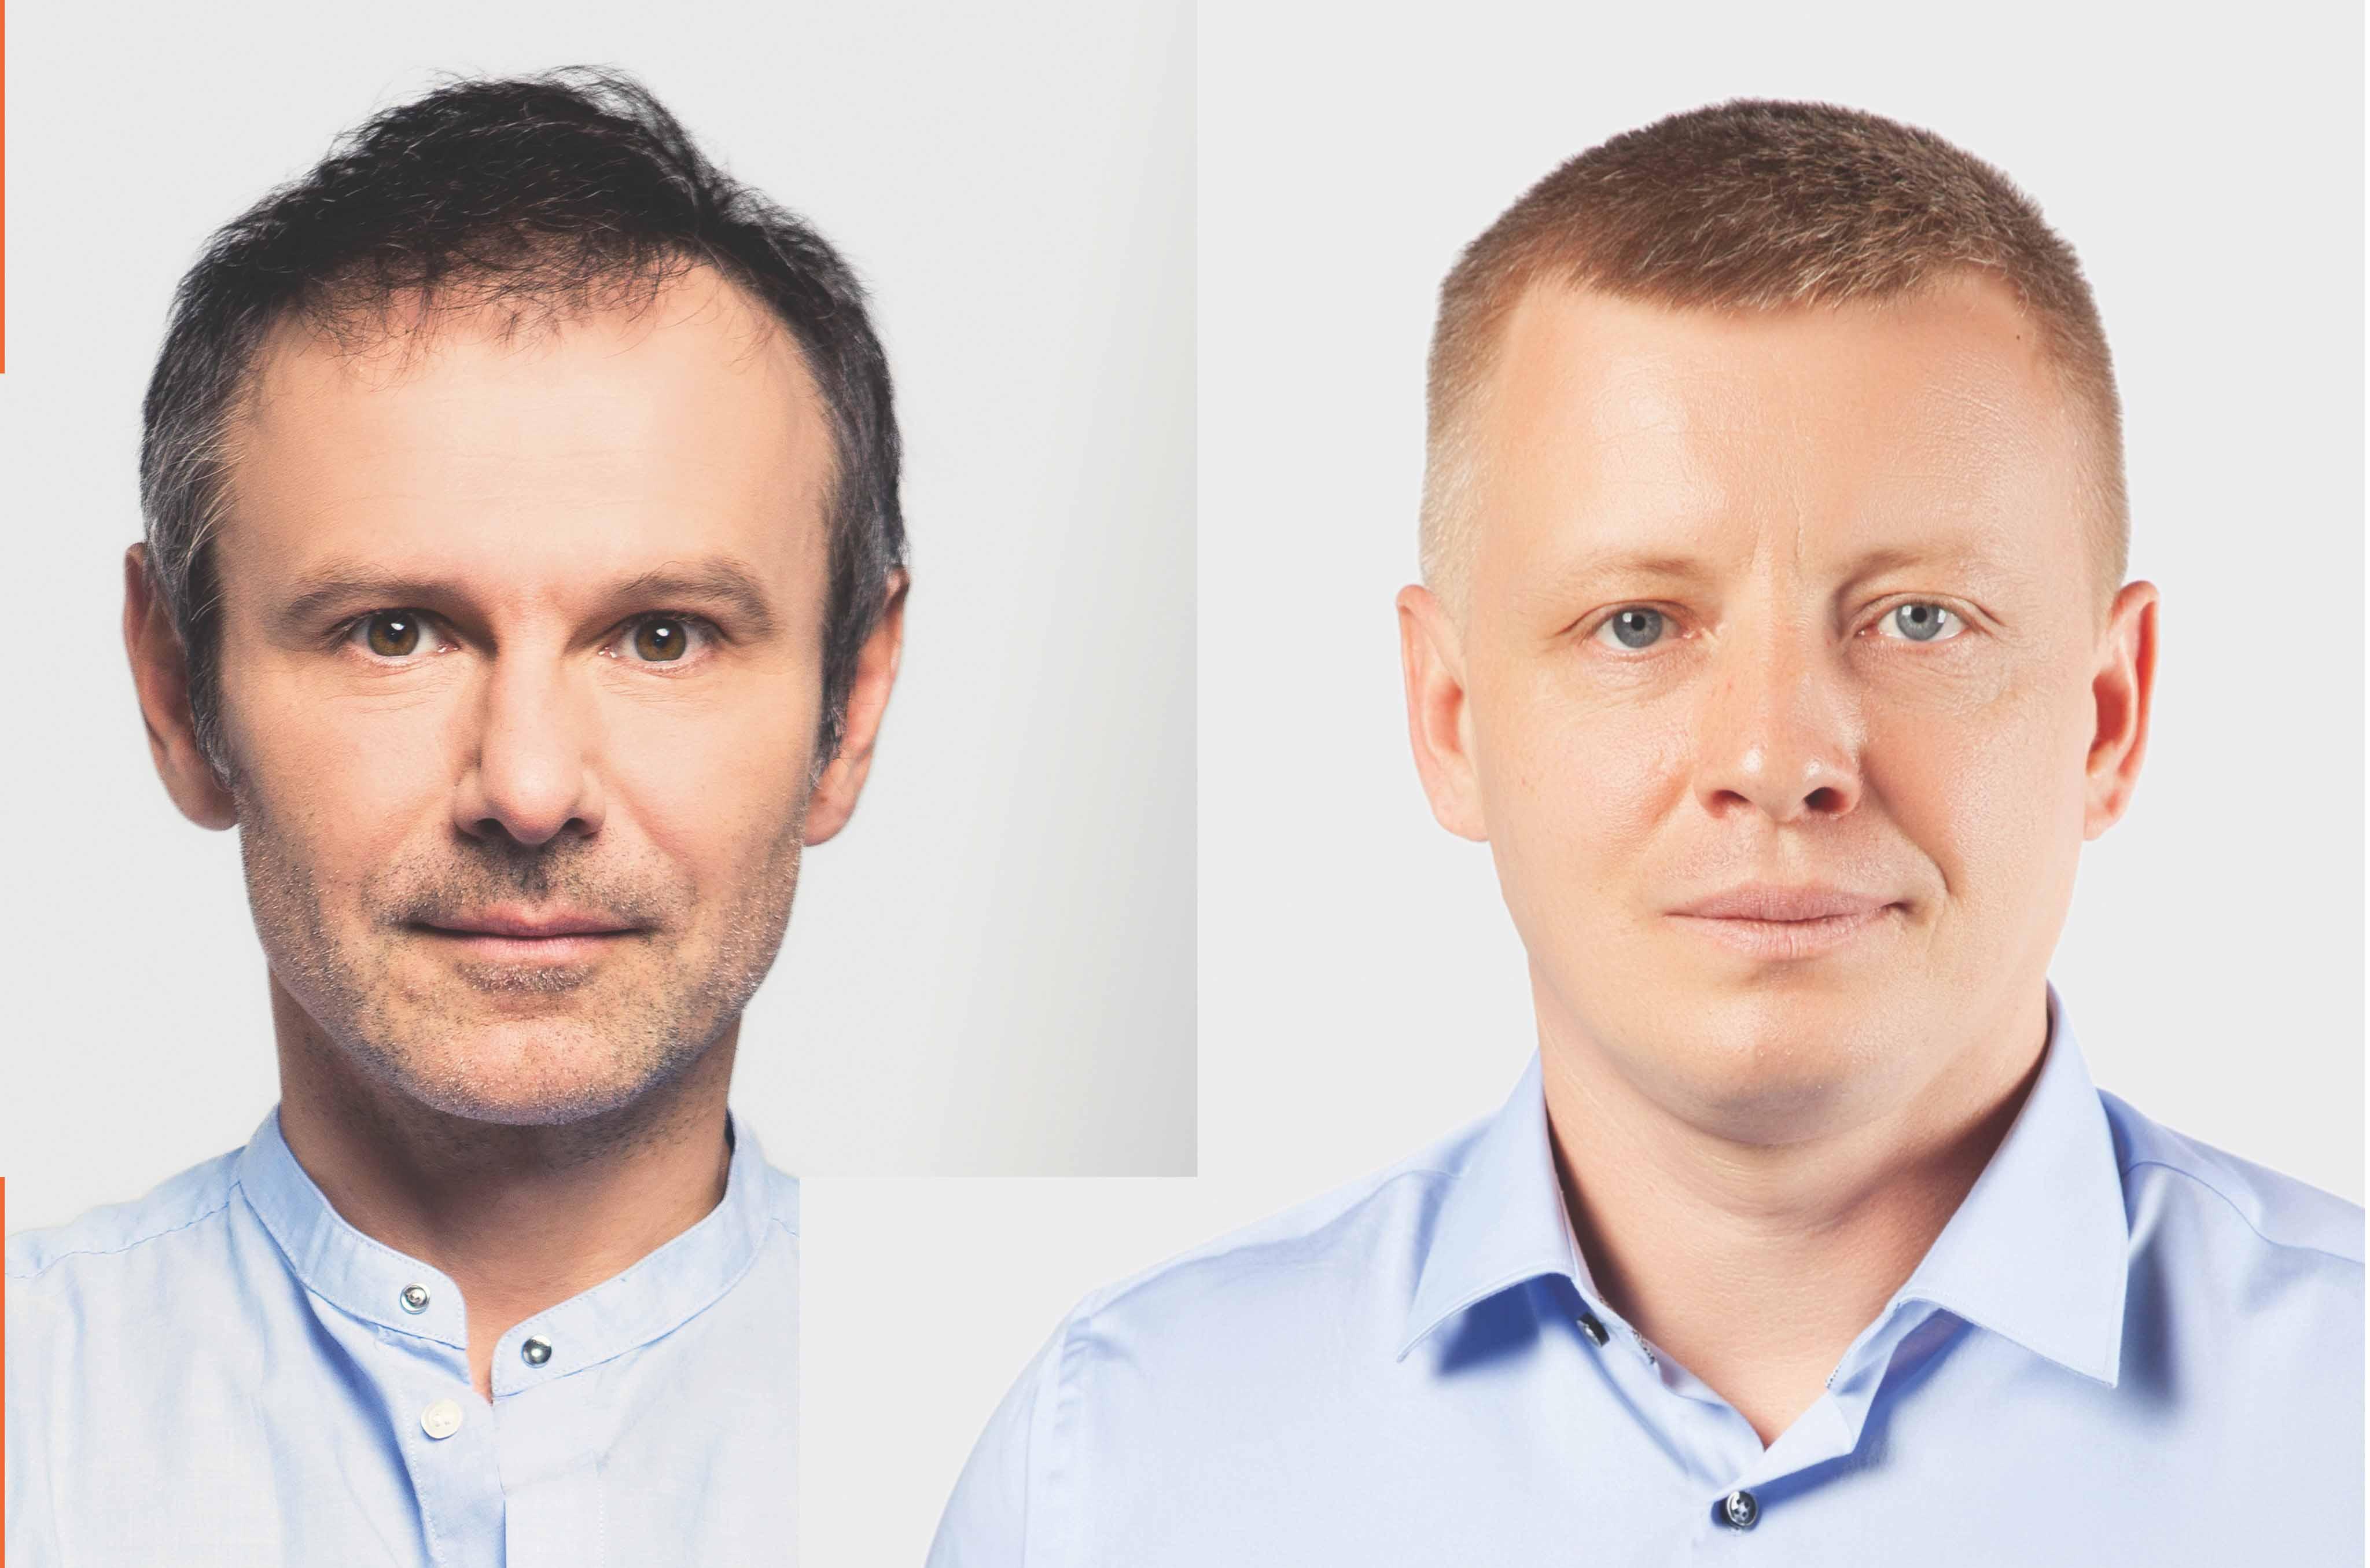 Як пришвидшити ріст економіки? Кандидат від «Голосу» Тищенко визначив свої основні завдання в Раді